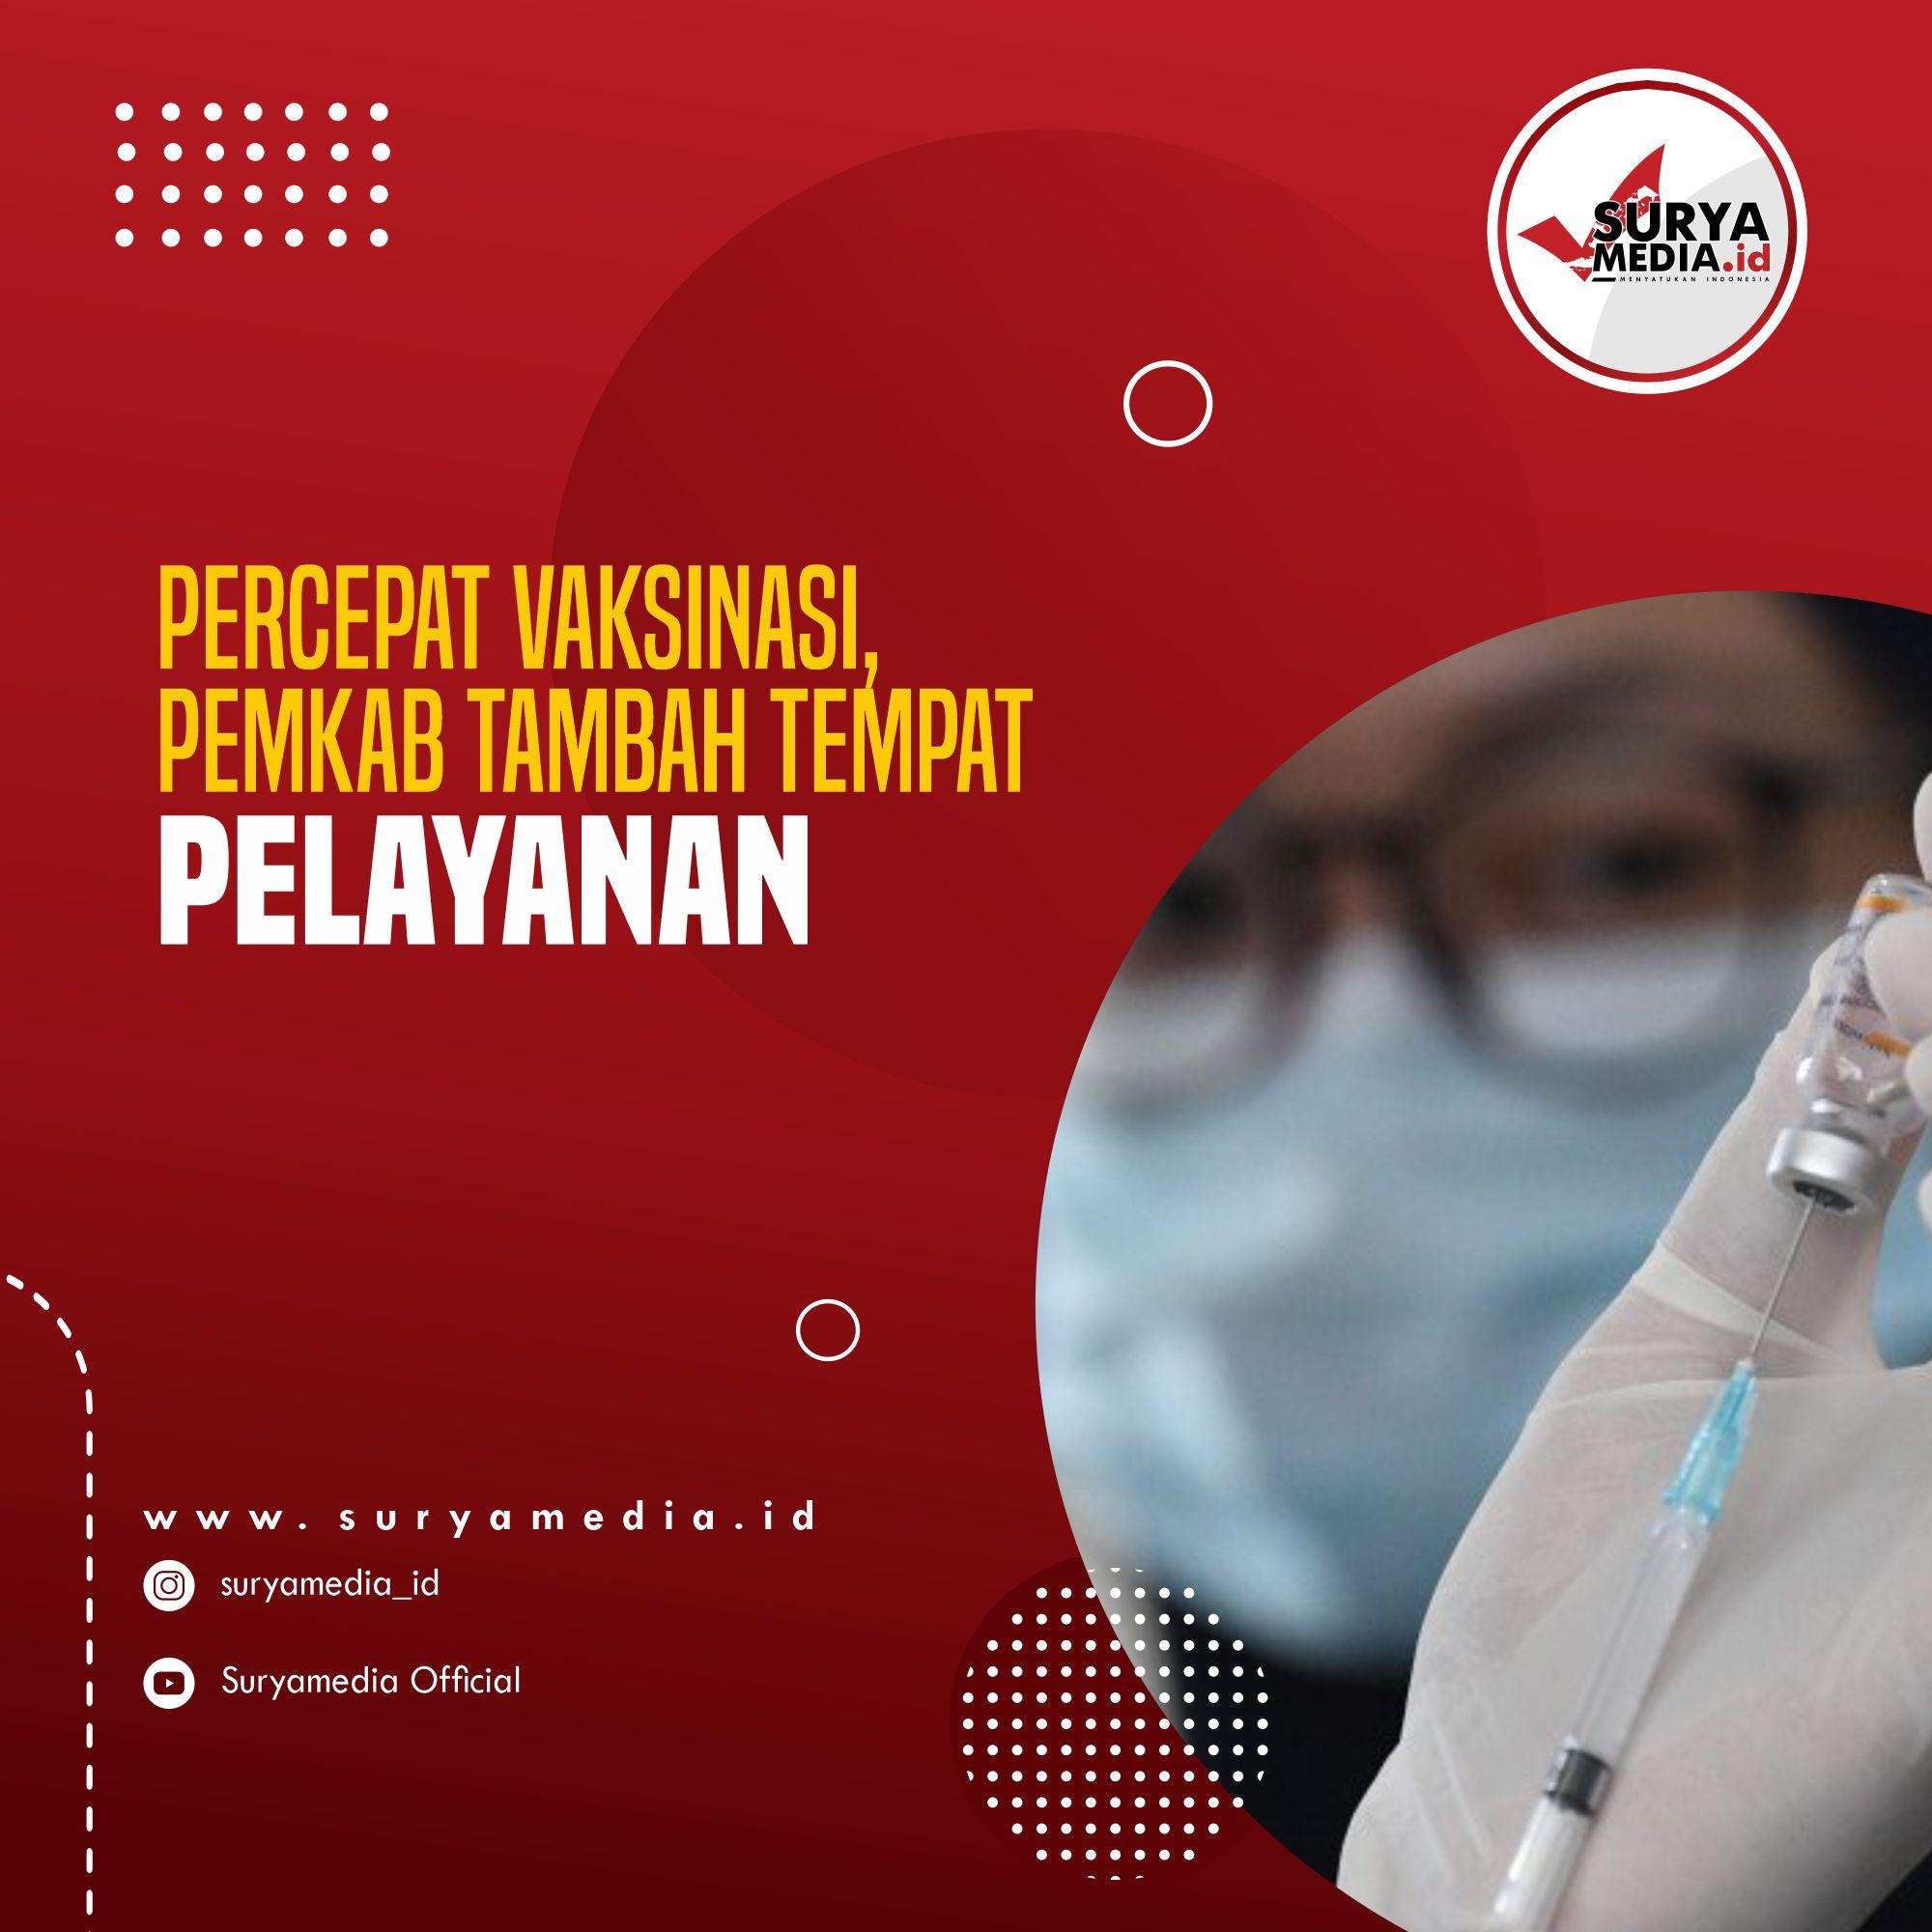 Percepat Vaksinasi, Pemkab Tambah Tempat Pelayanan A